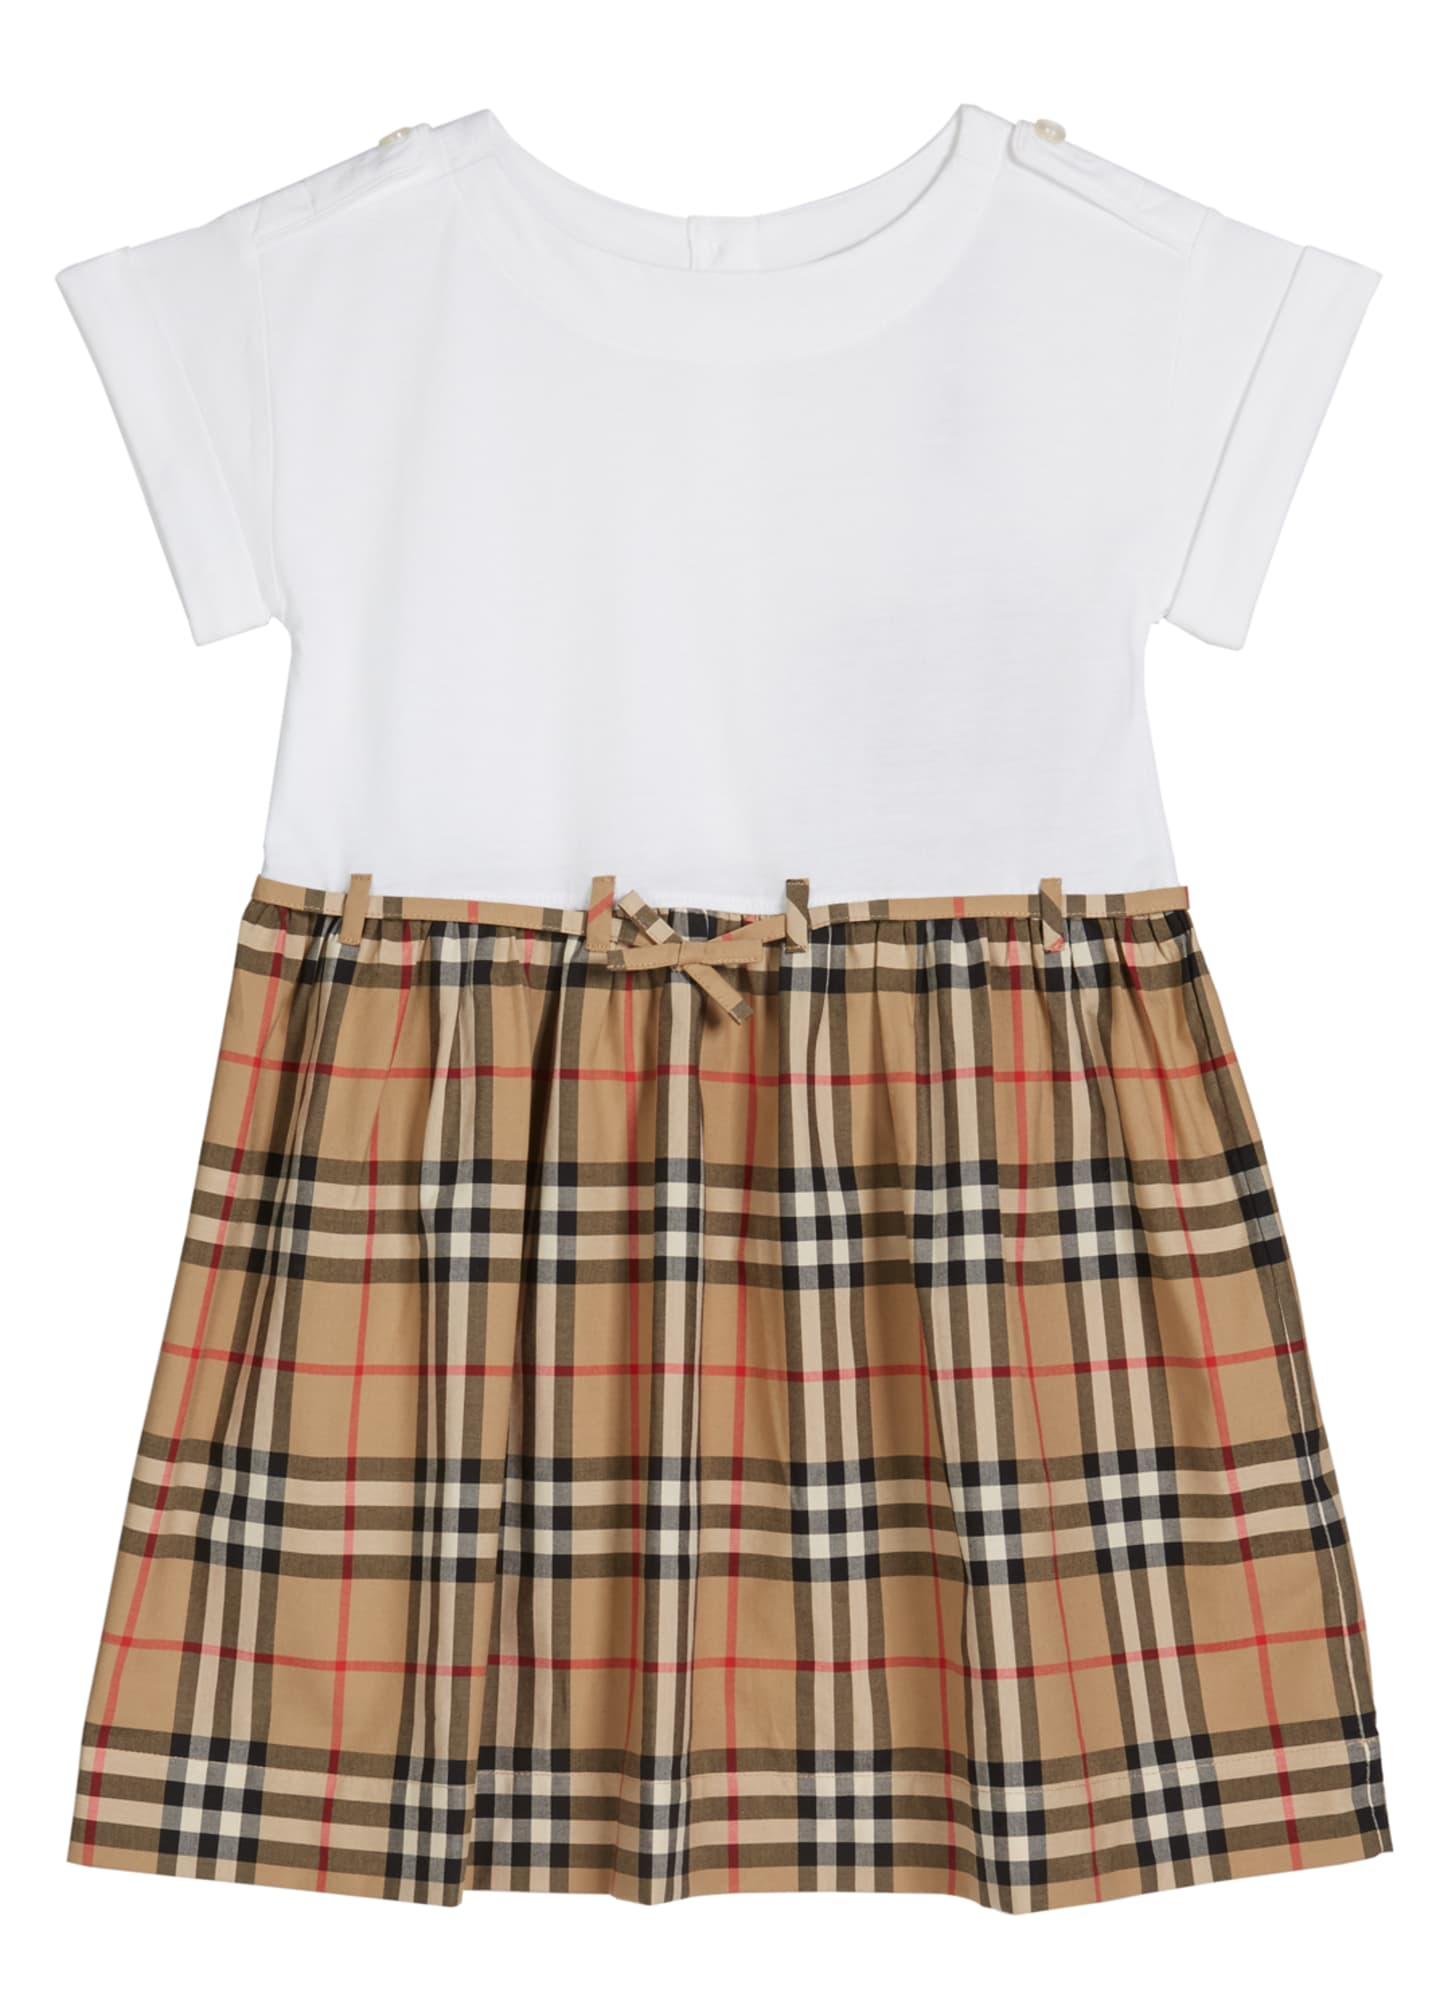 Burberry Girl's Rhonda Jersey & Check Poplin Dress,